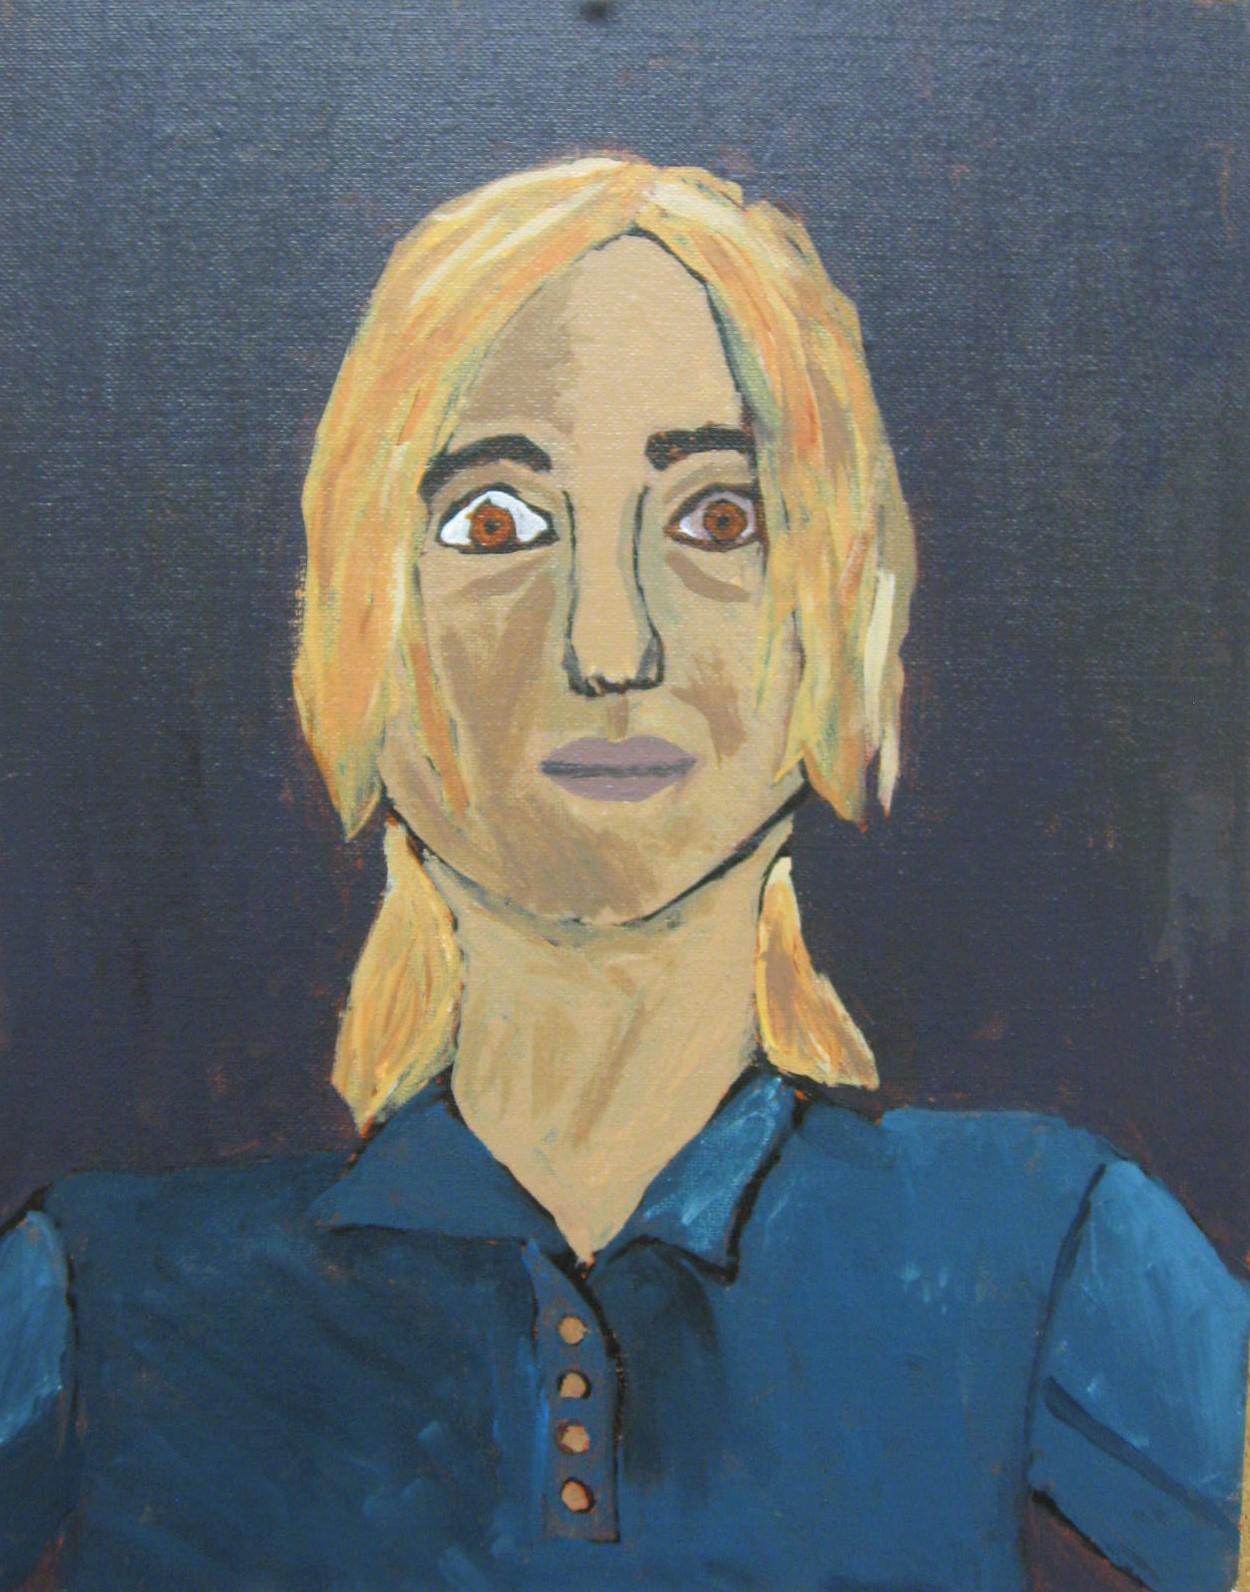 7th grade self portrait